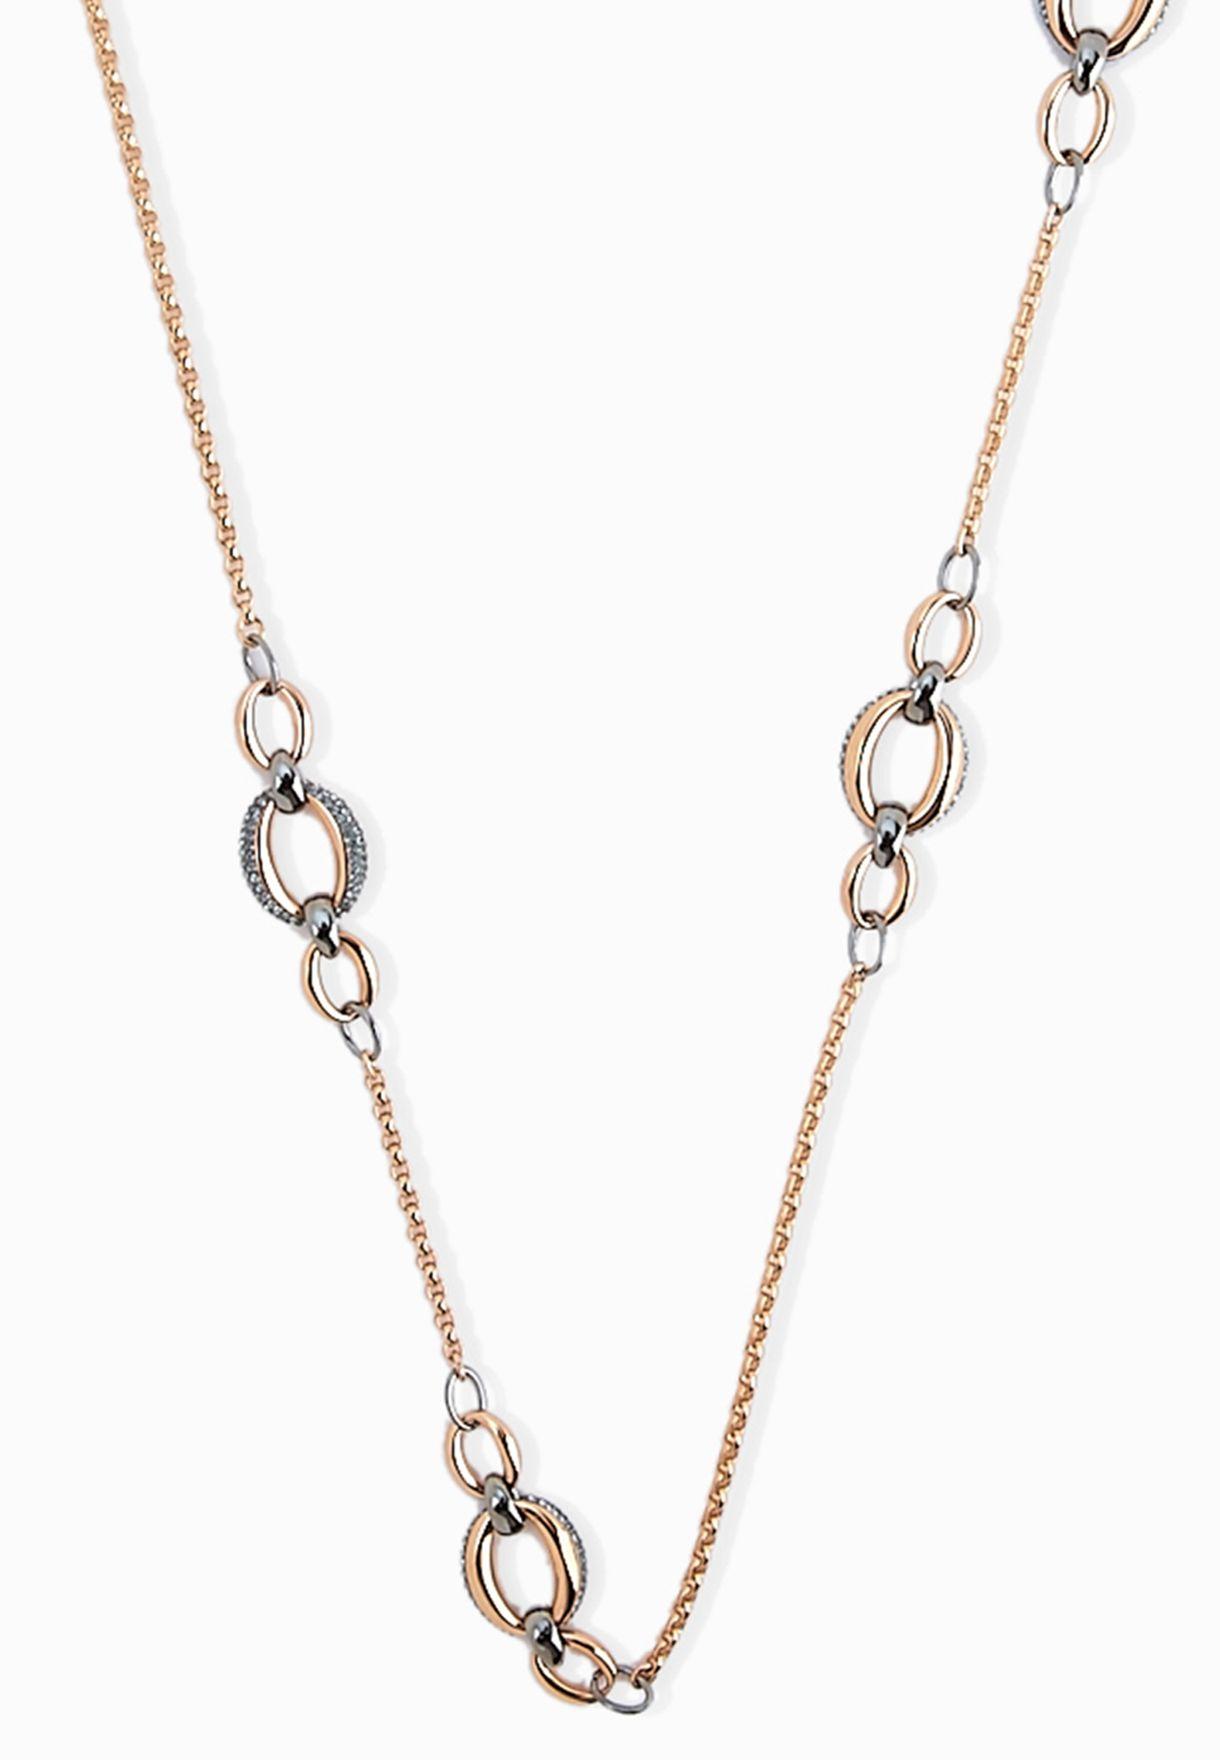 71925d4b0d0c8 Circlet Necklace